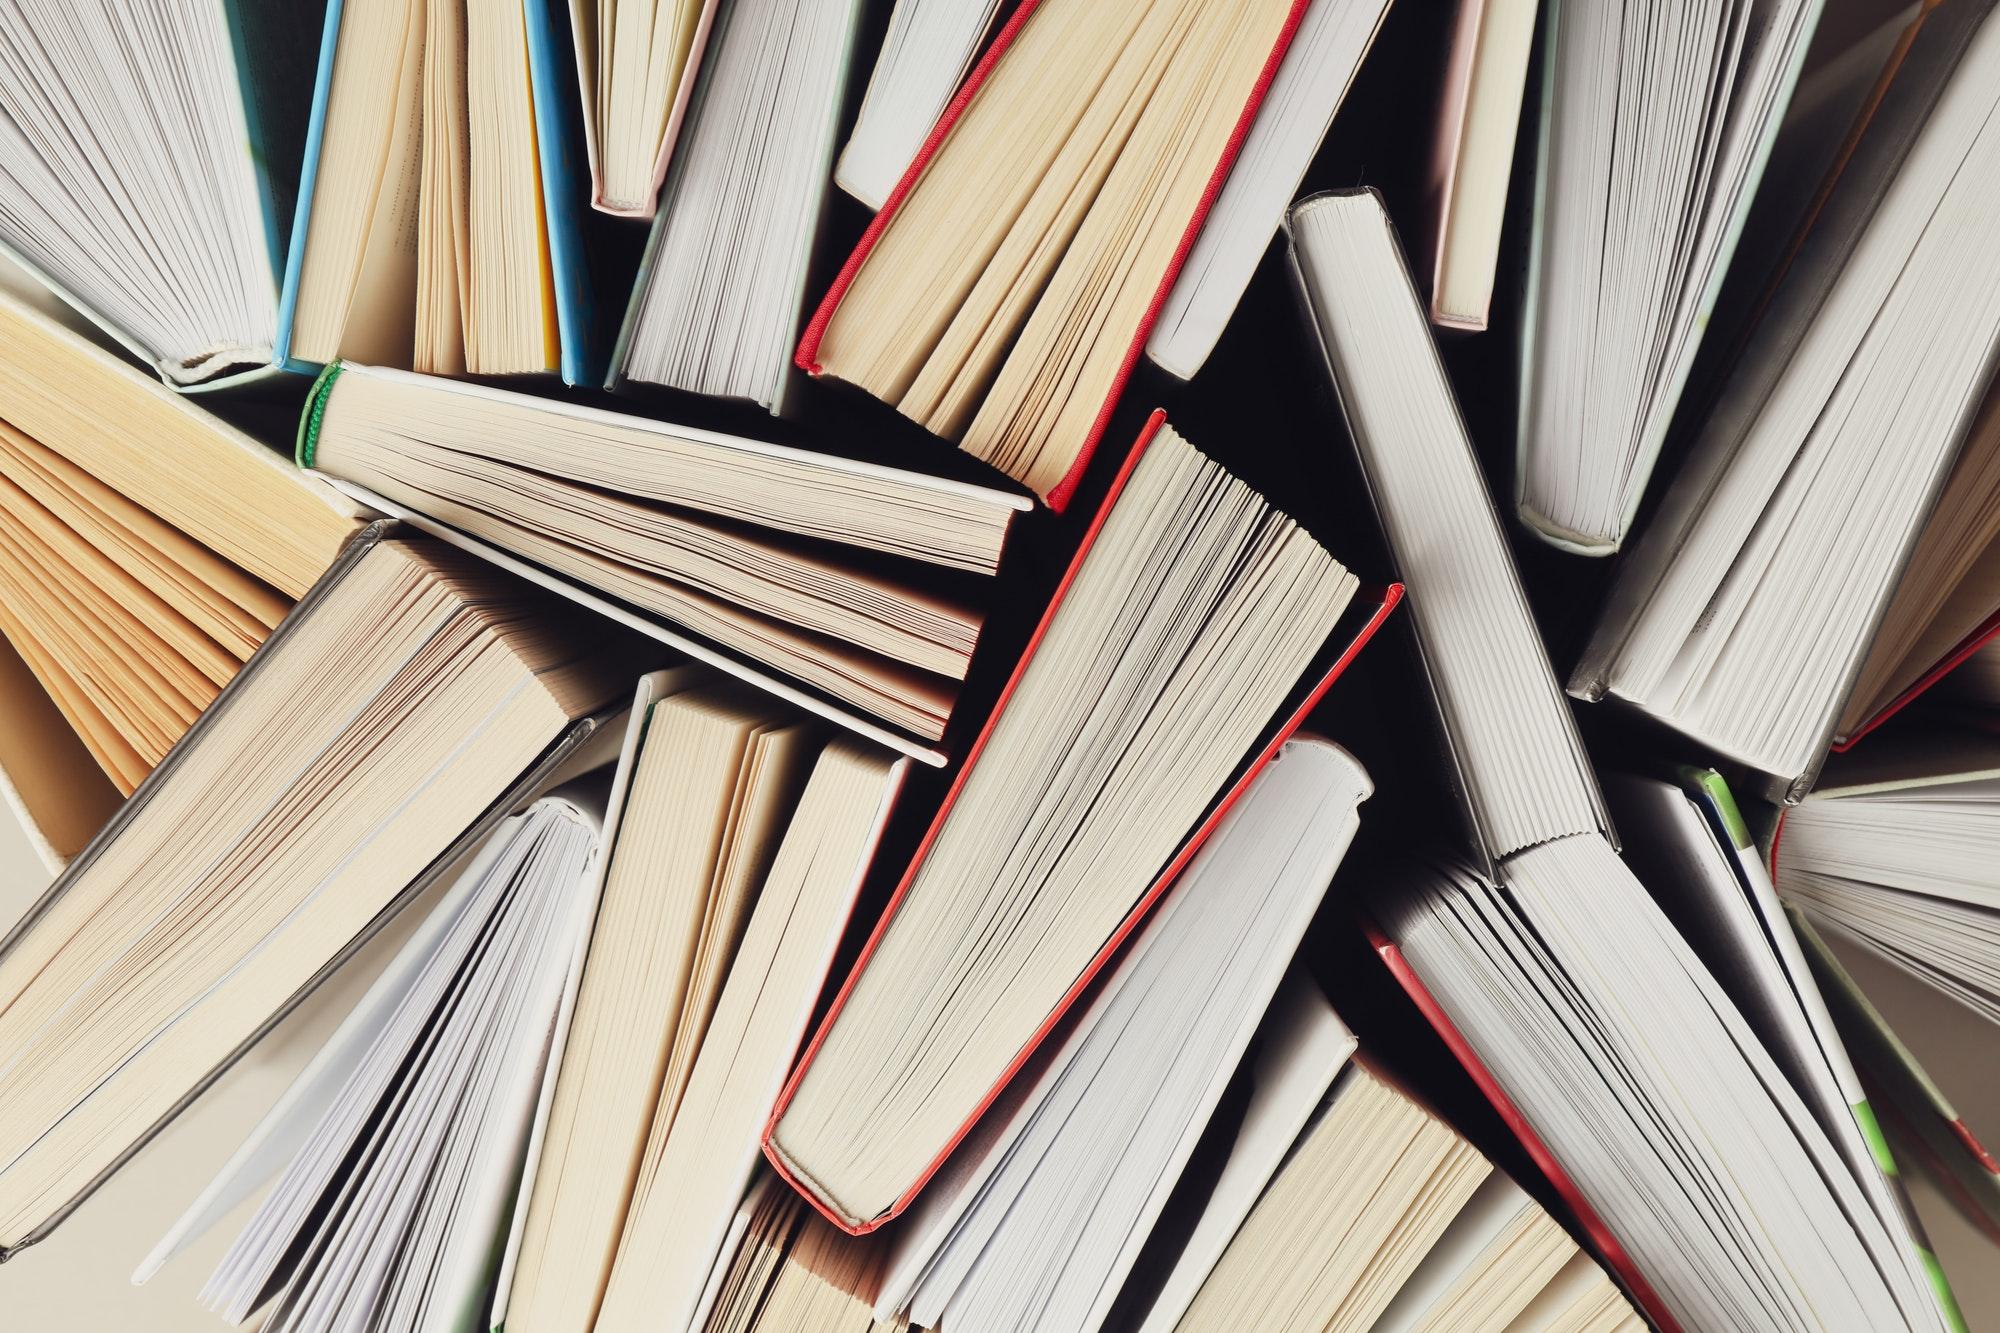 ¿Cómo descargar libros en francés gratis?